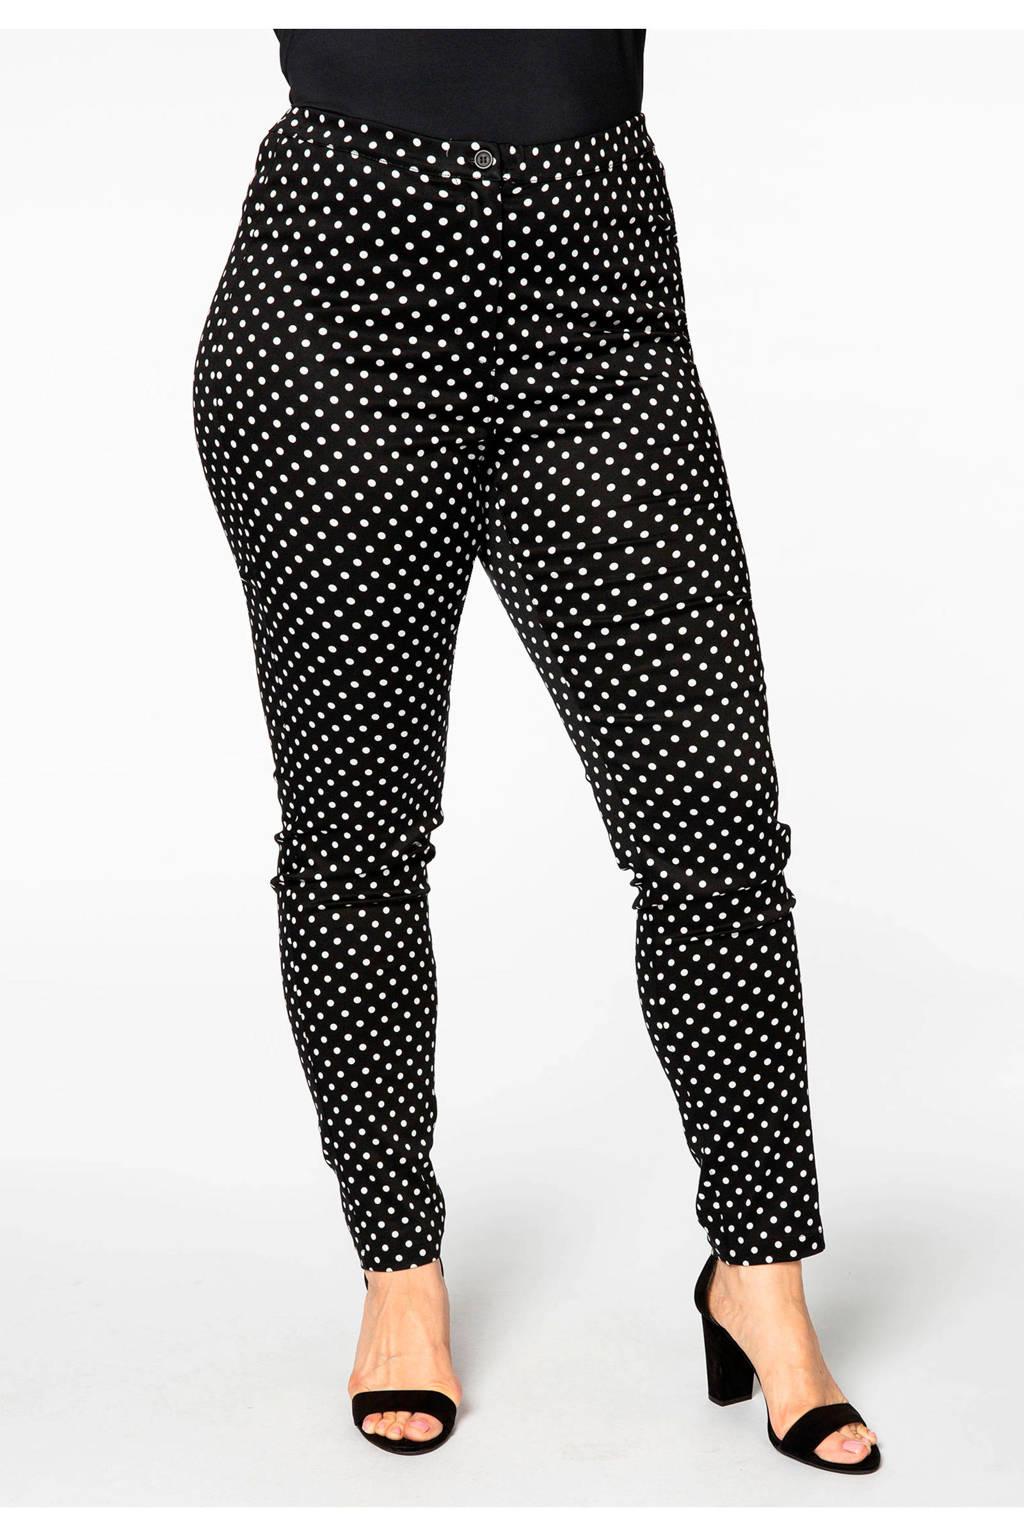 Yoek high waist skinny broek met stippen zwart/wit, Zwart/wit